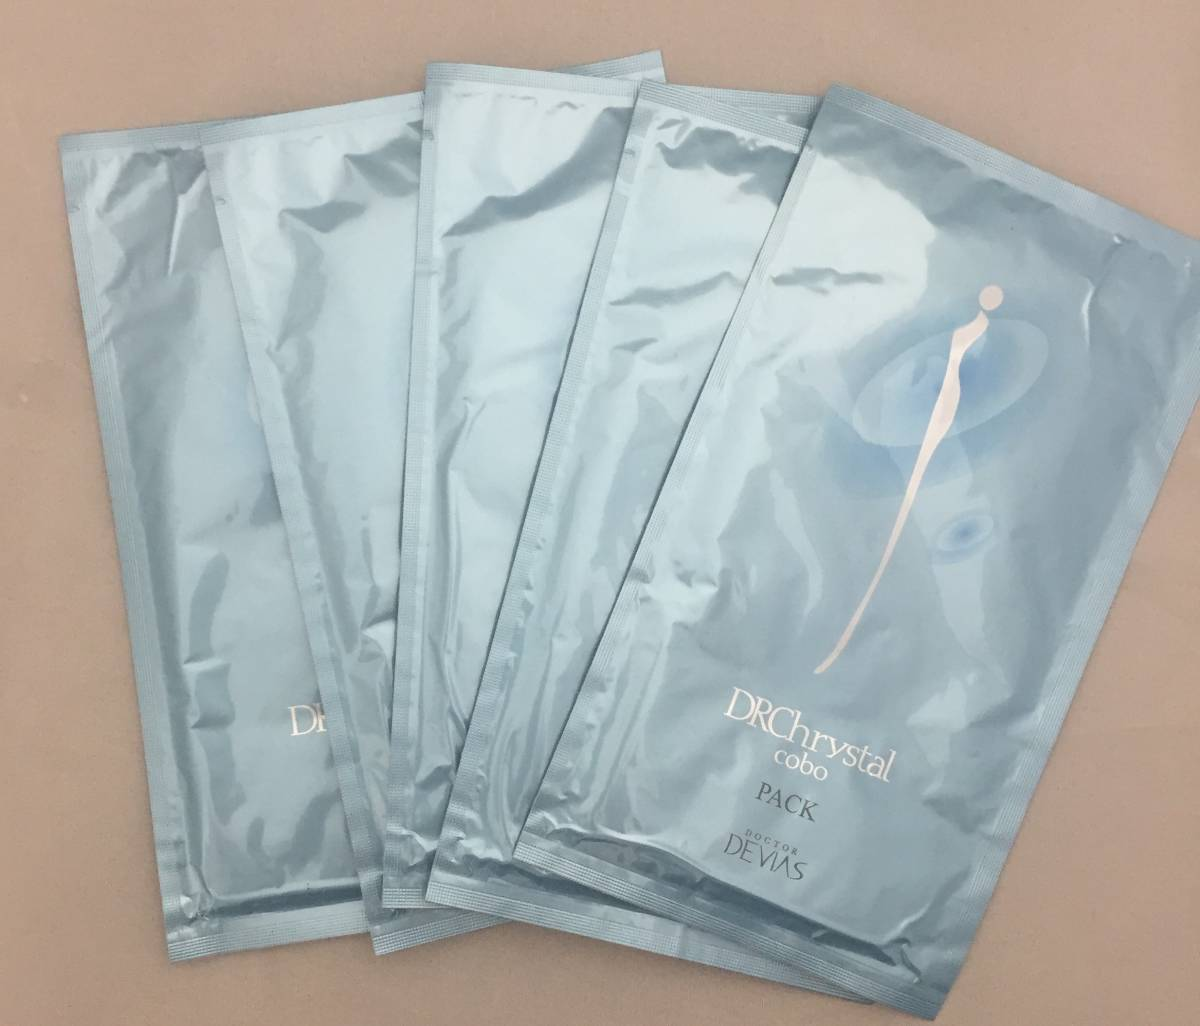 【未開封】DRデヴィアスクリスタル cobo パック(シート状保湿パック) フェイス用1枚入り15ml×5袋セット